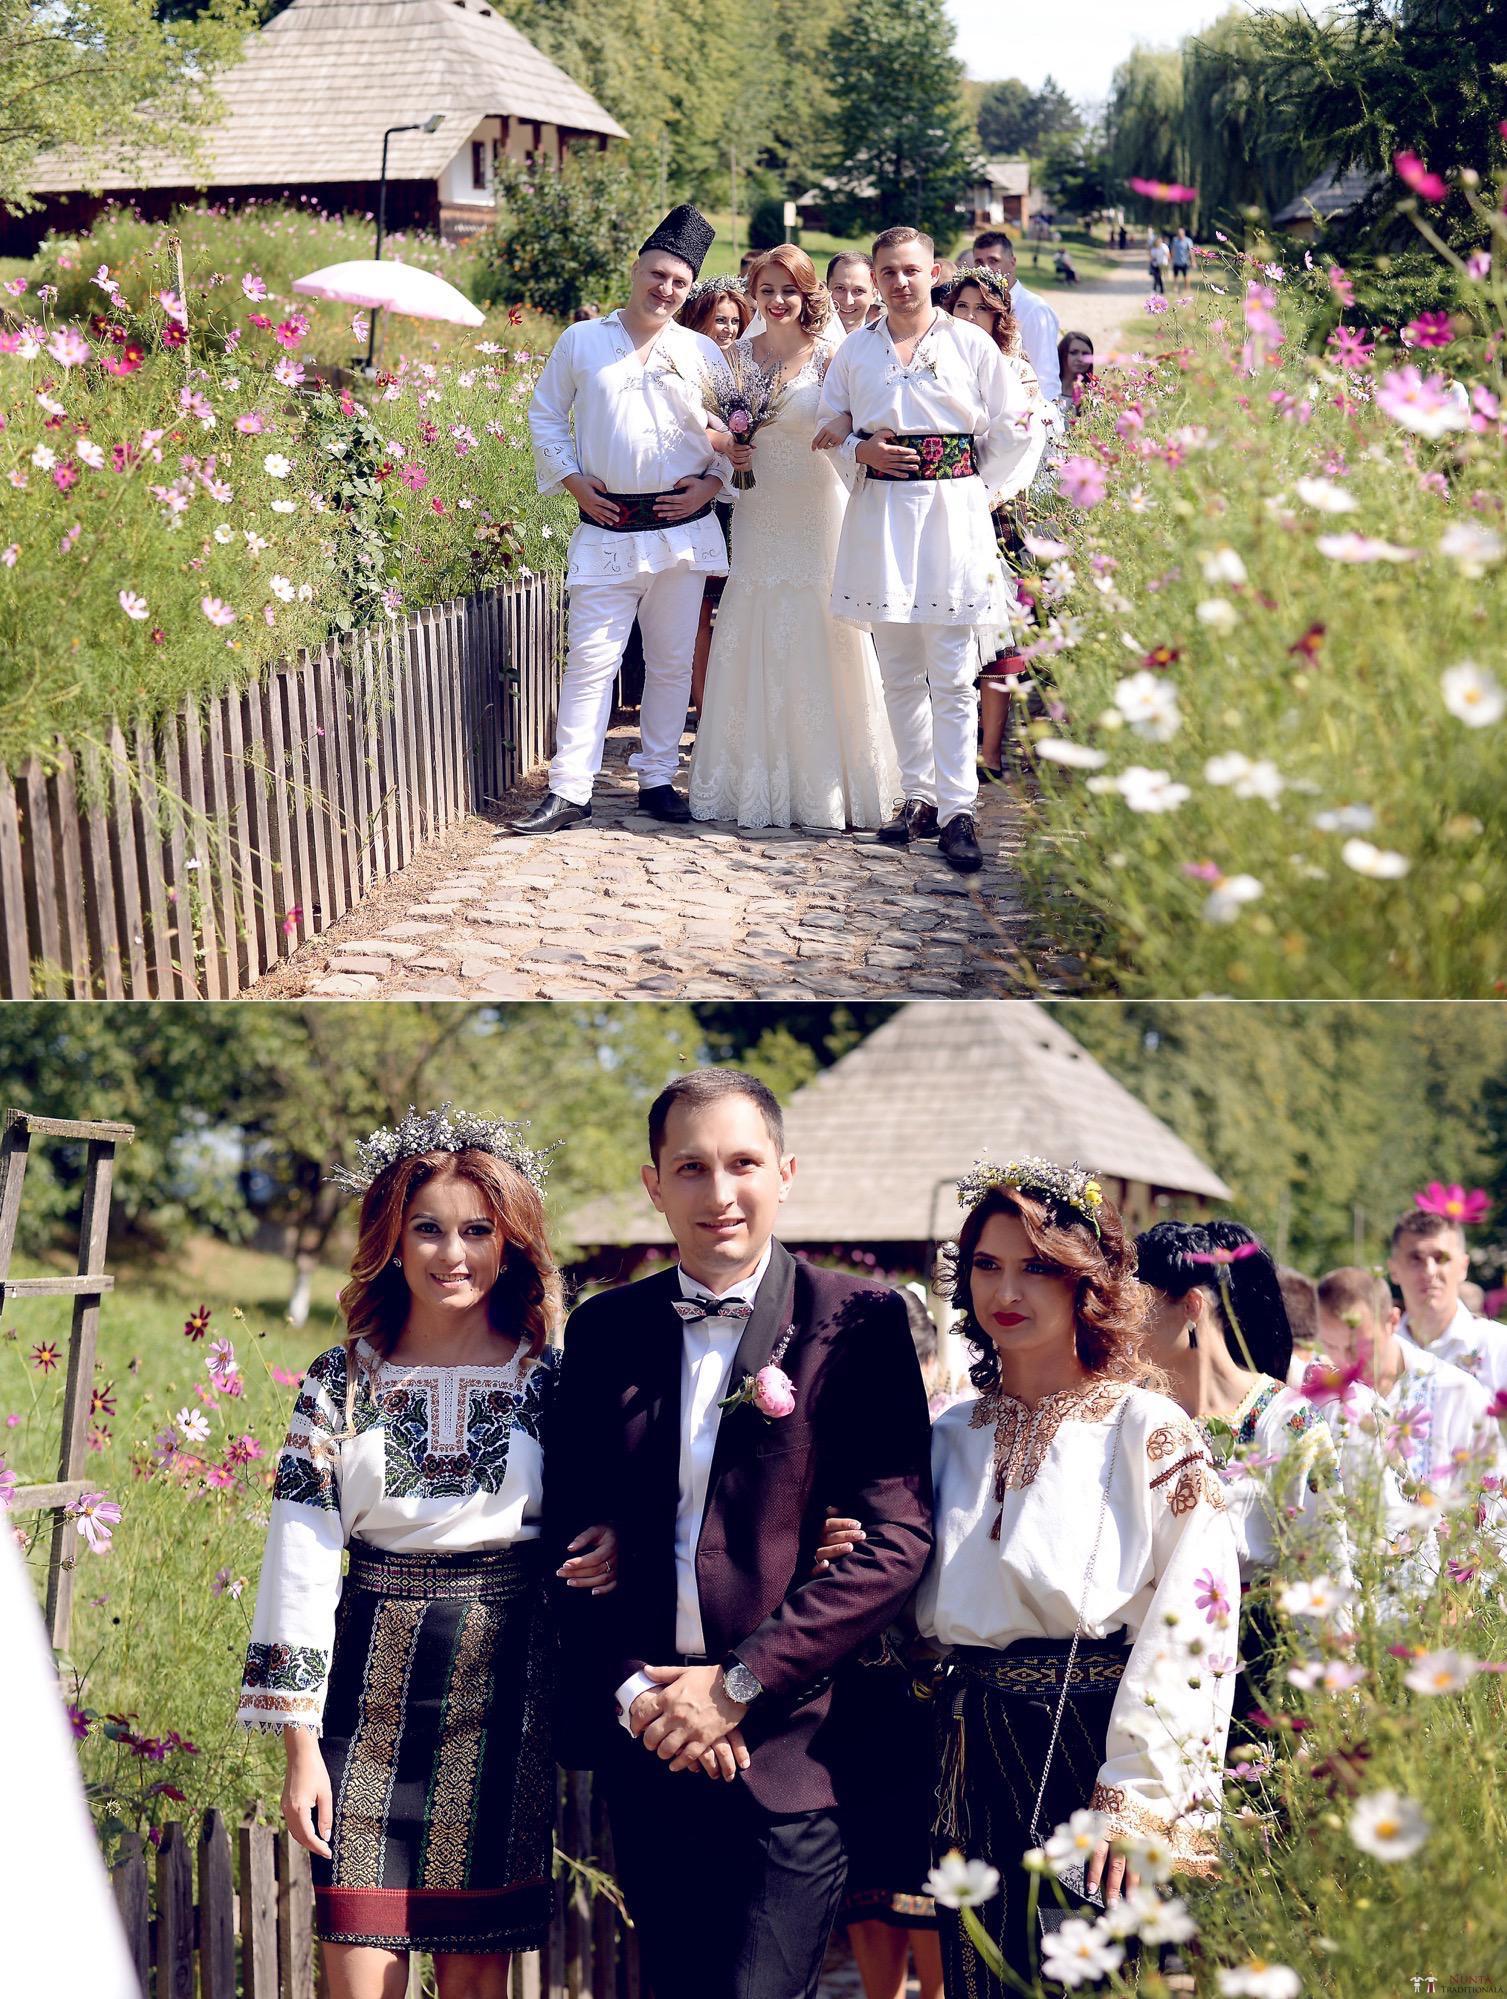 Povești Nunți Tradiționale - Iulia și Andrei. Nuntă tradițională în Bucovina. 57